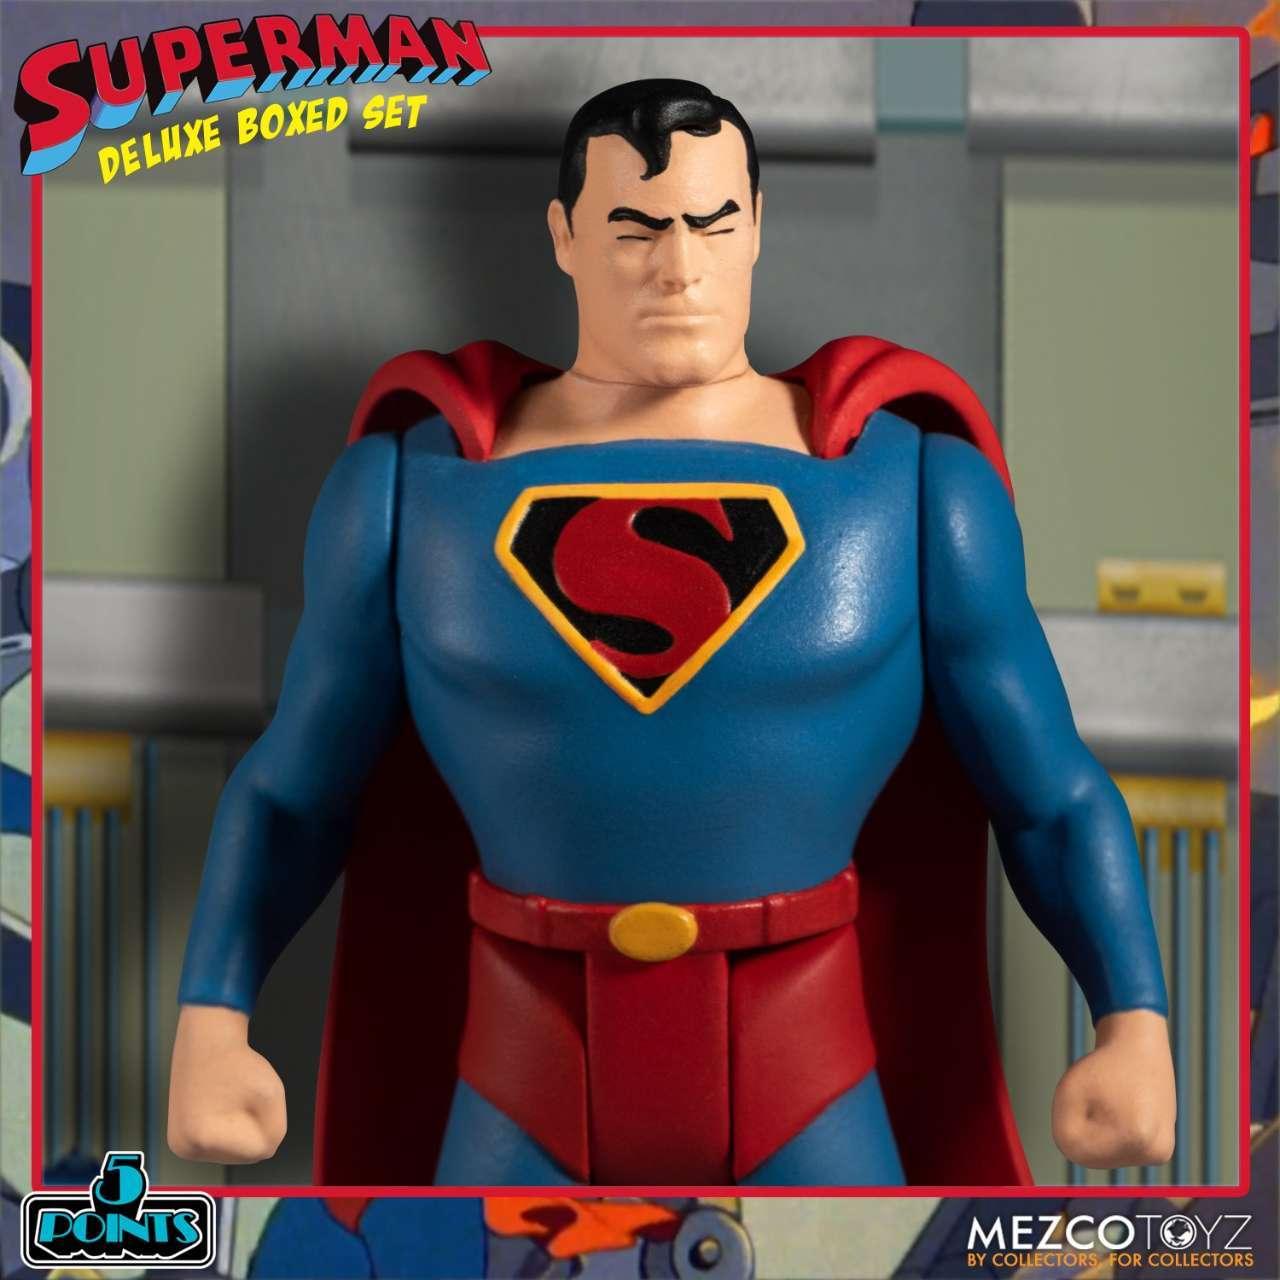 mezco-superman-6